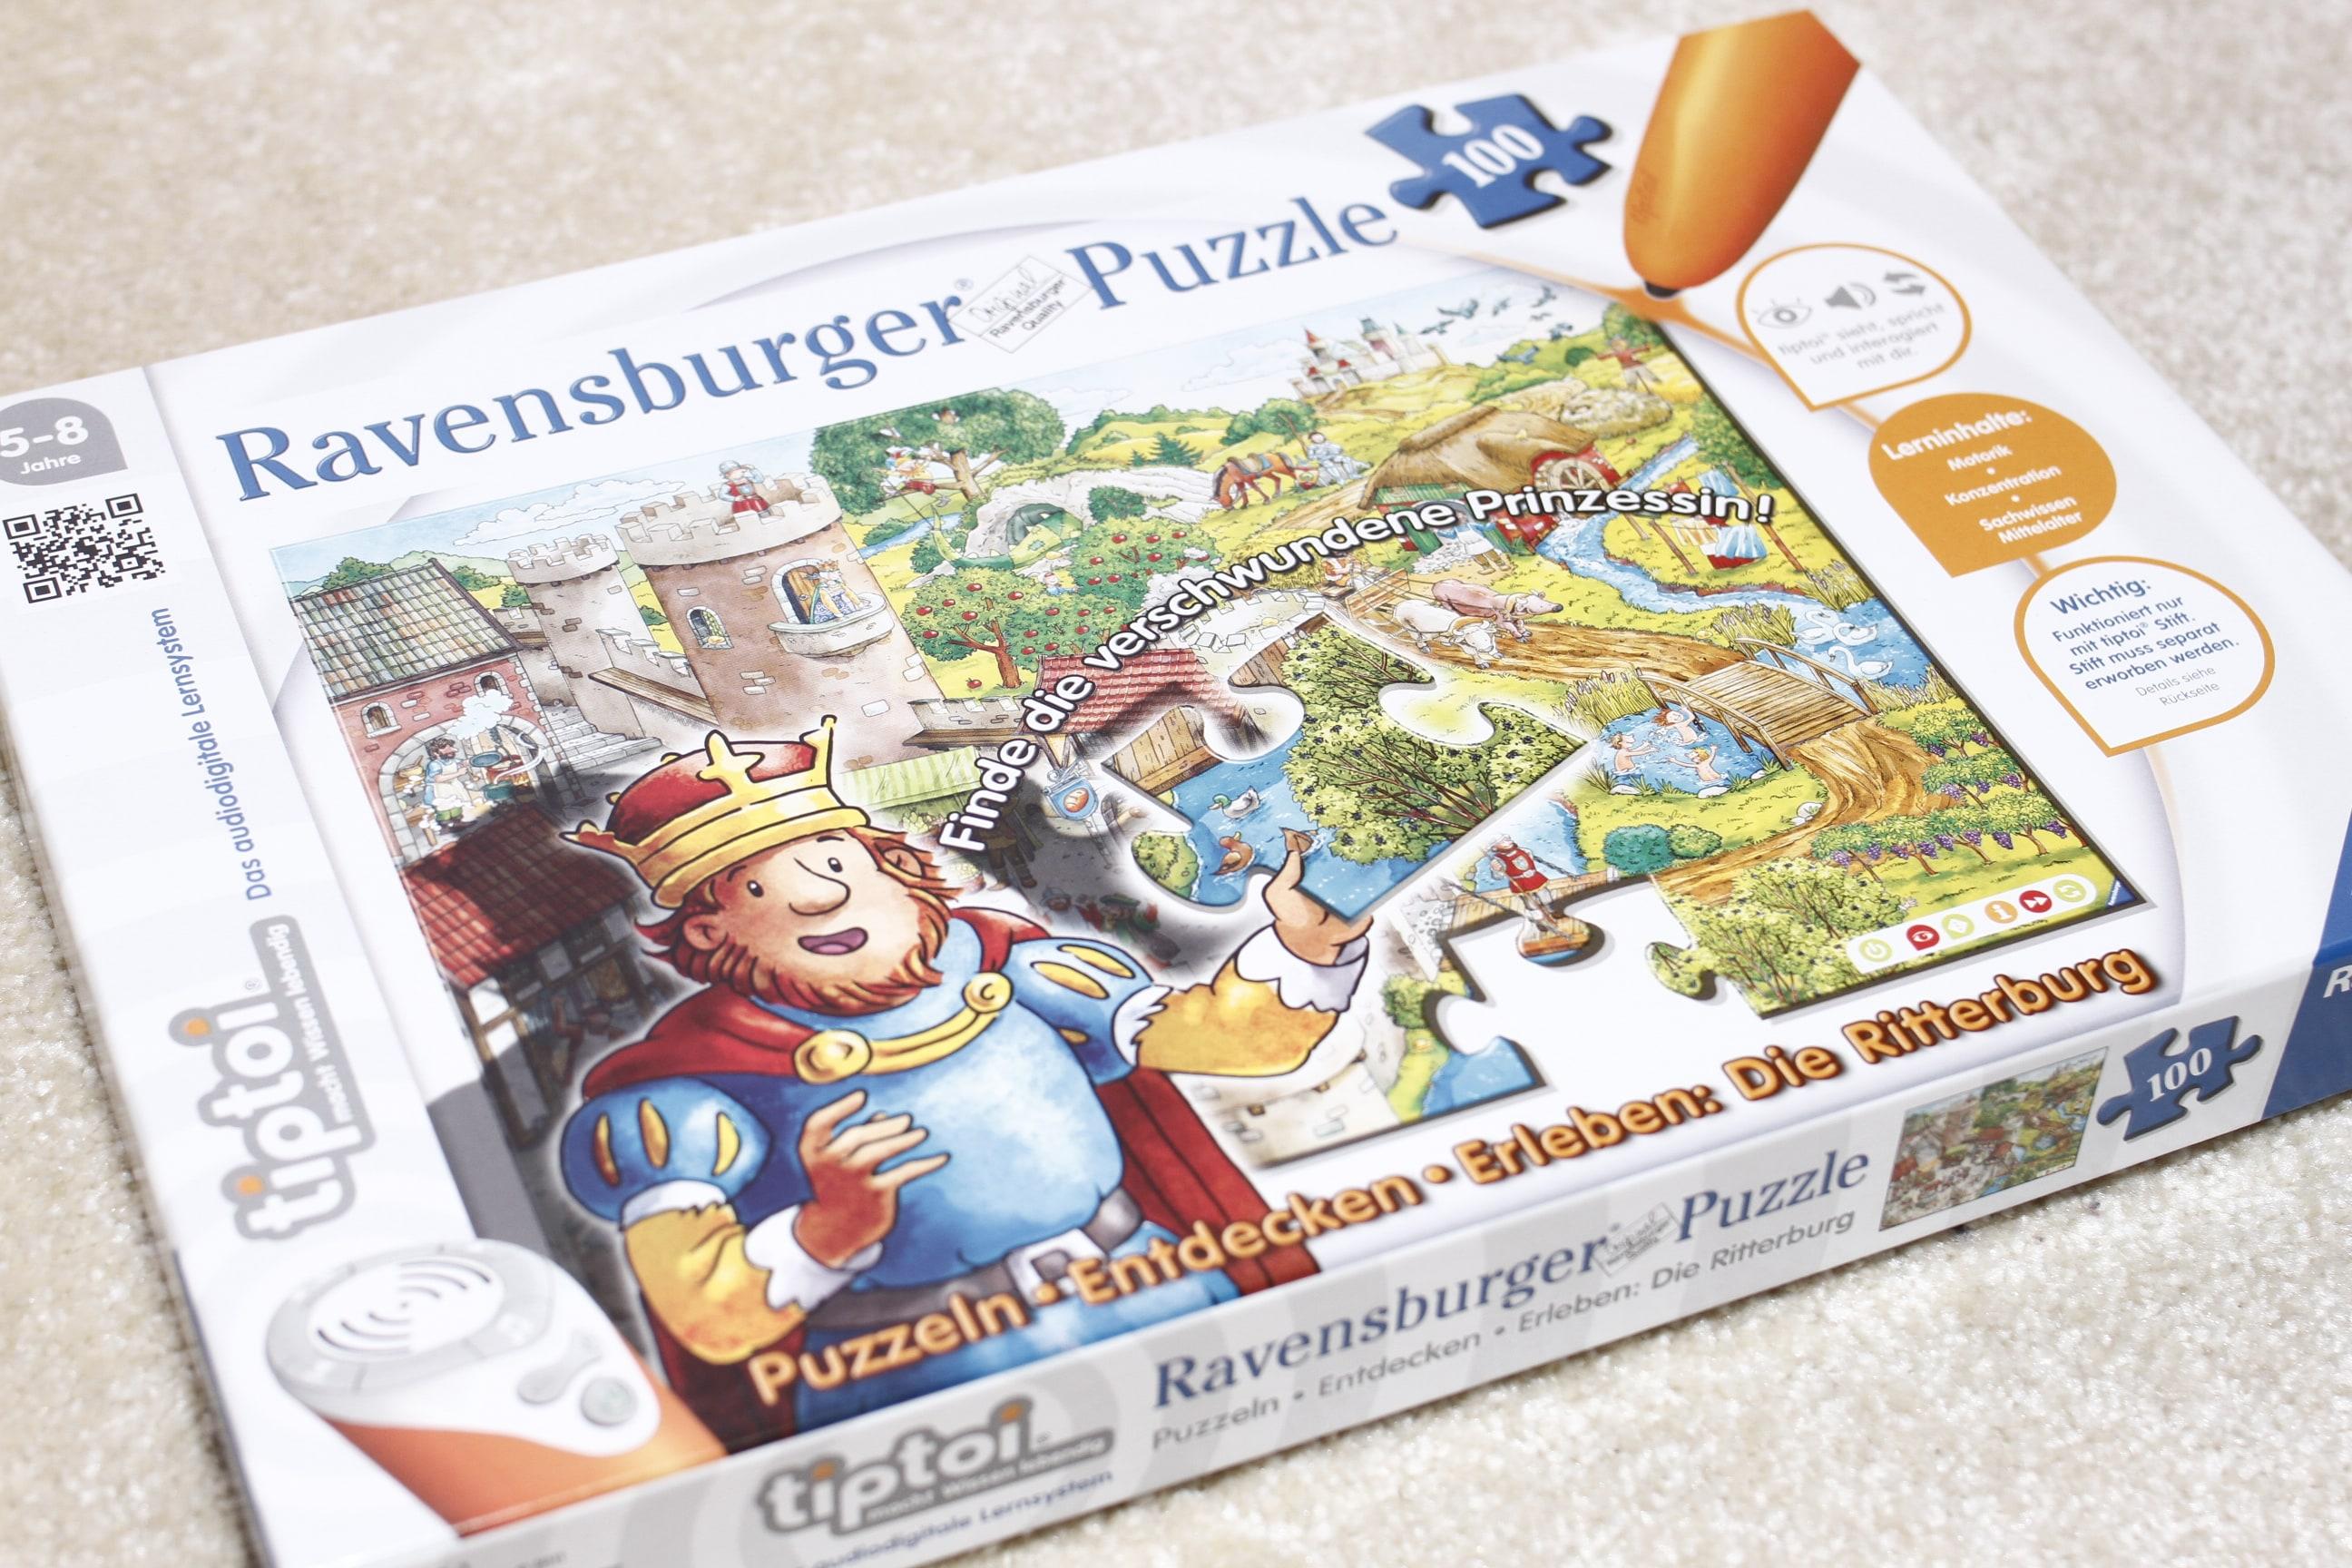 TipTpi Puzzel Finde die verschwundene Prinzessin Ravensburger